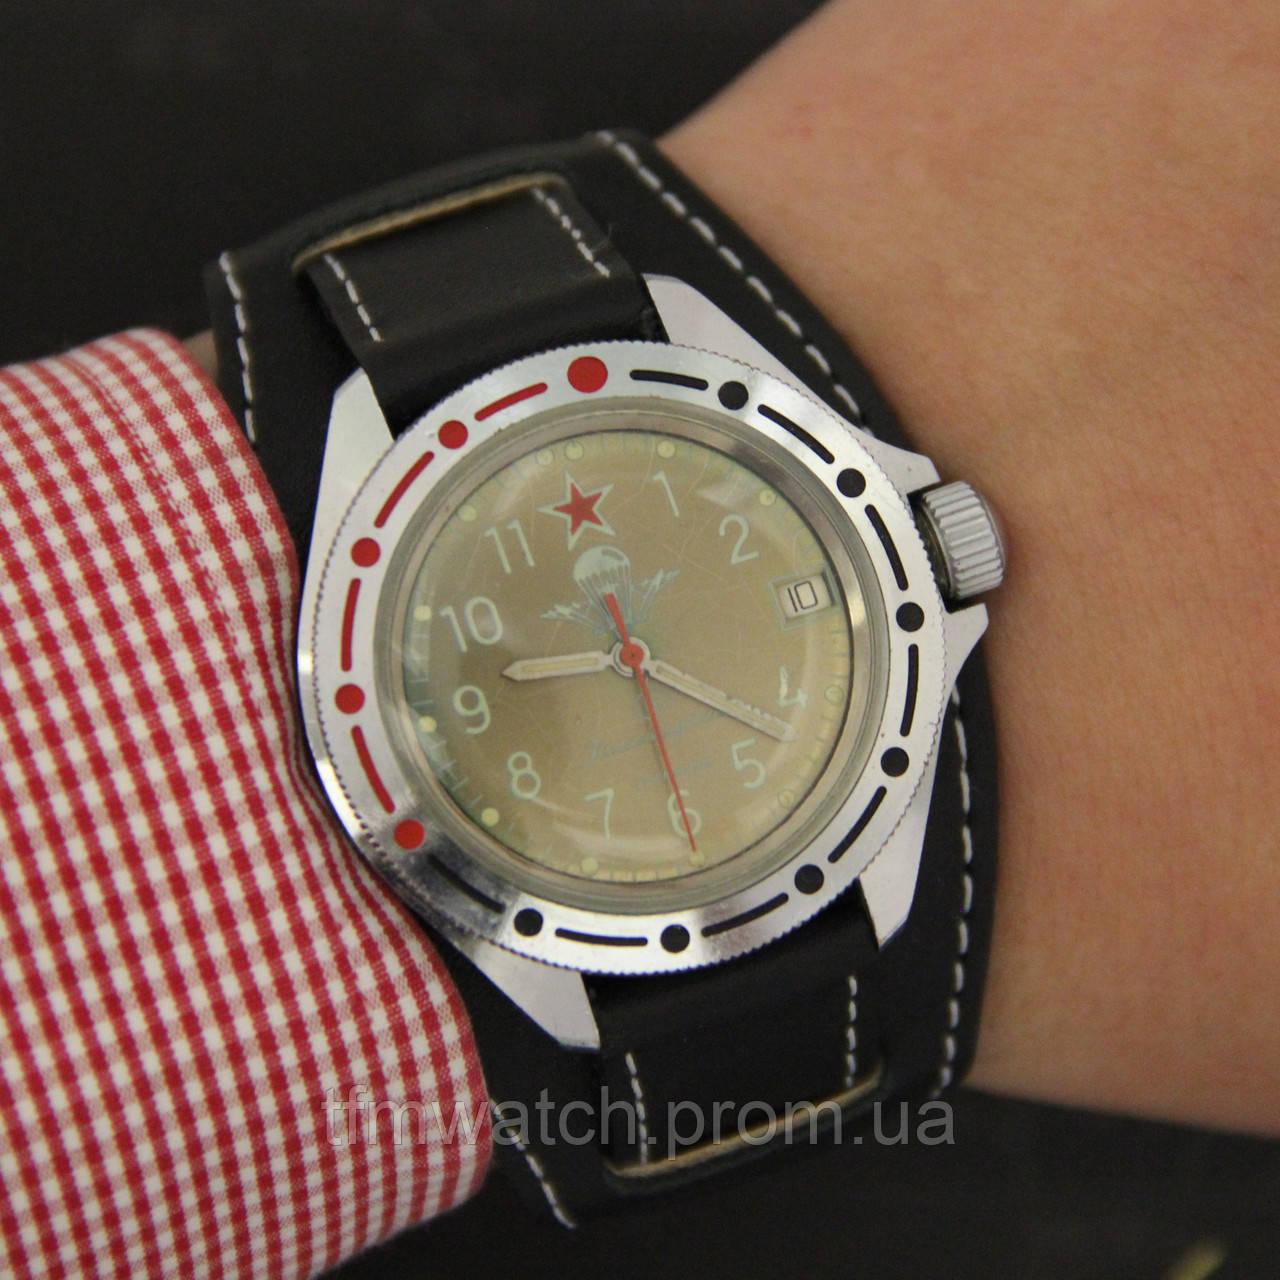 Купить наручные часы российские купить часы в доме